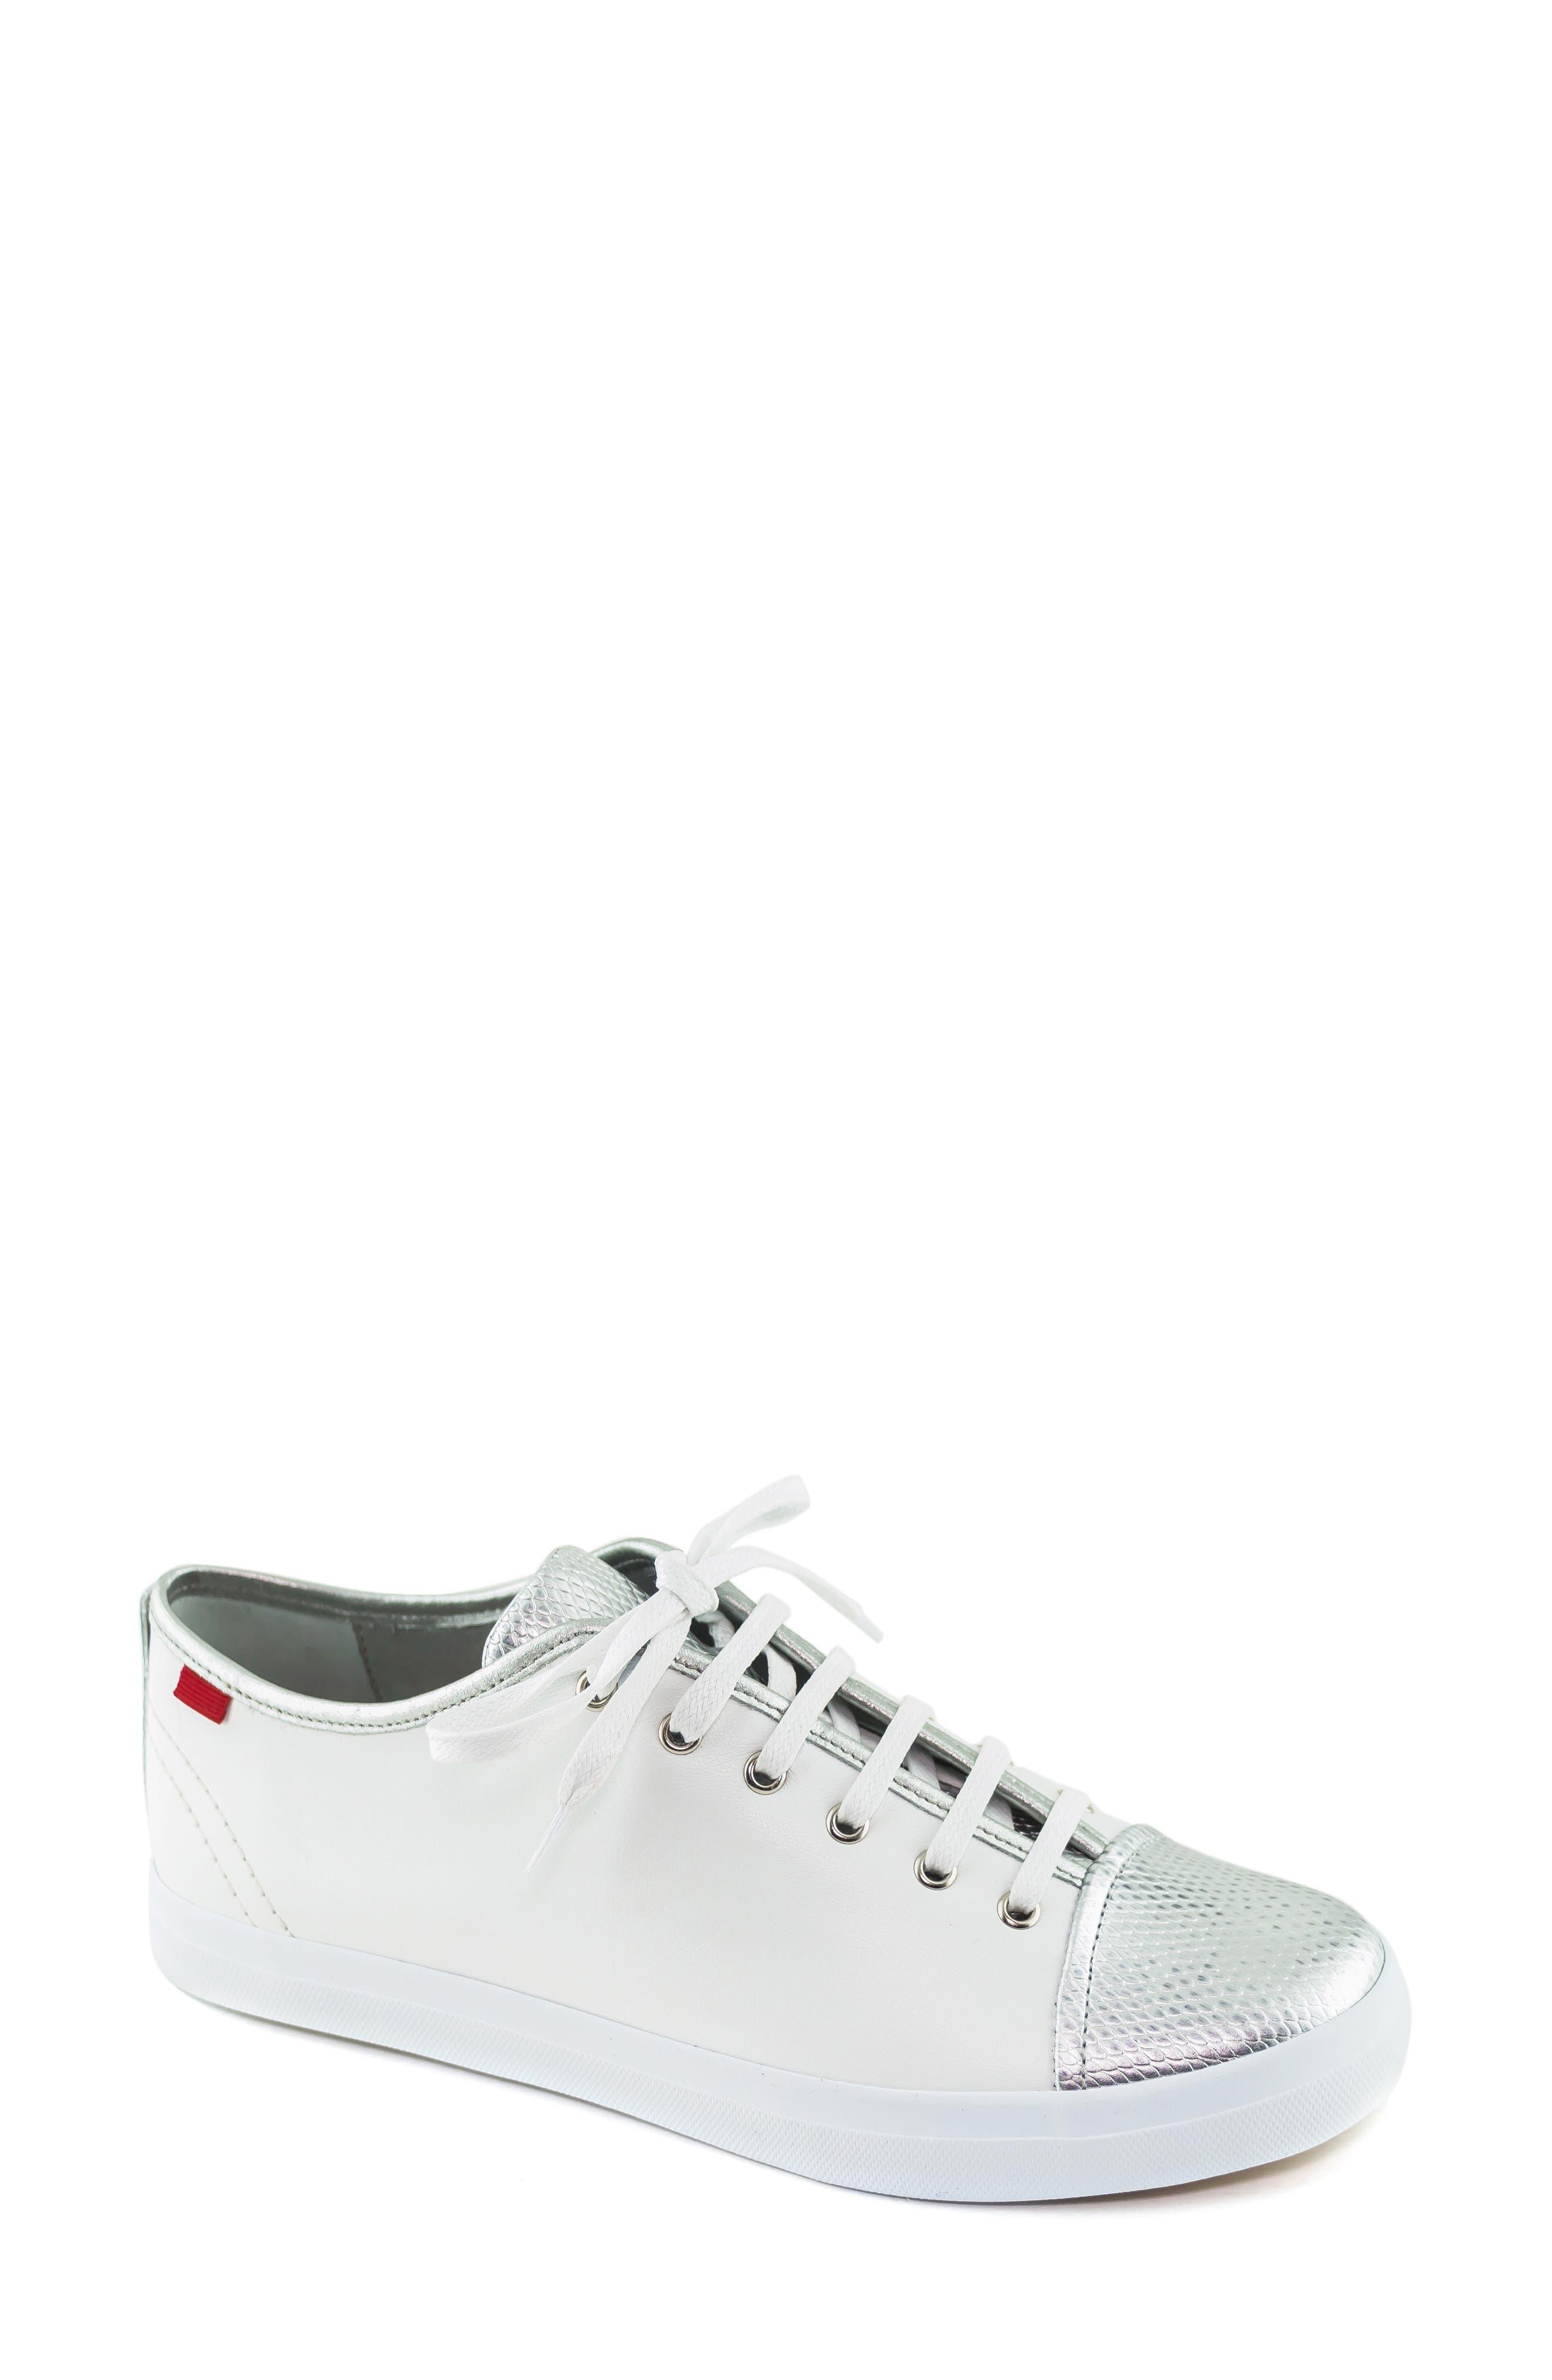 Marc Joseph New York Bleecker Street Sneaker, White